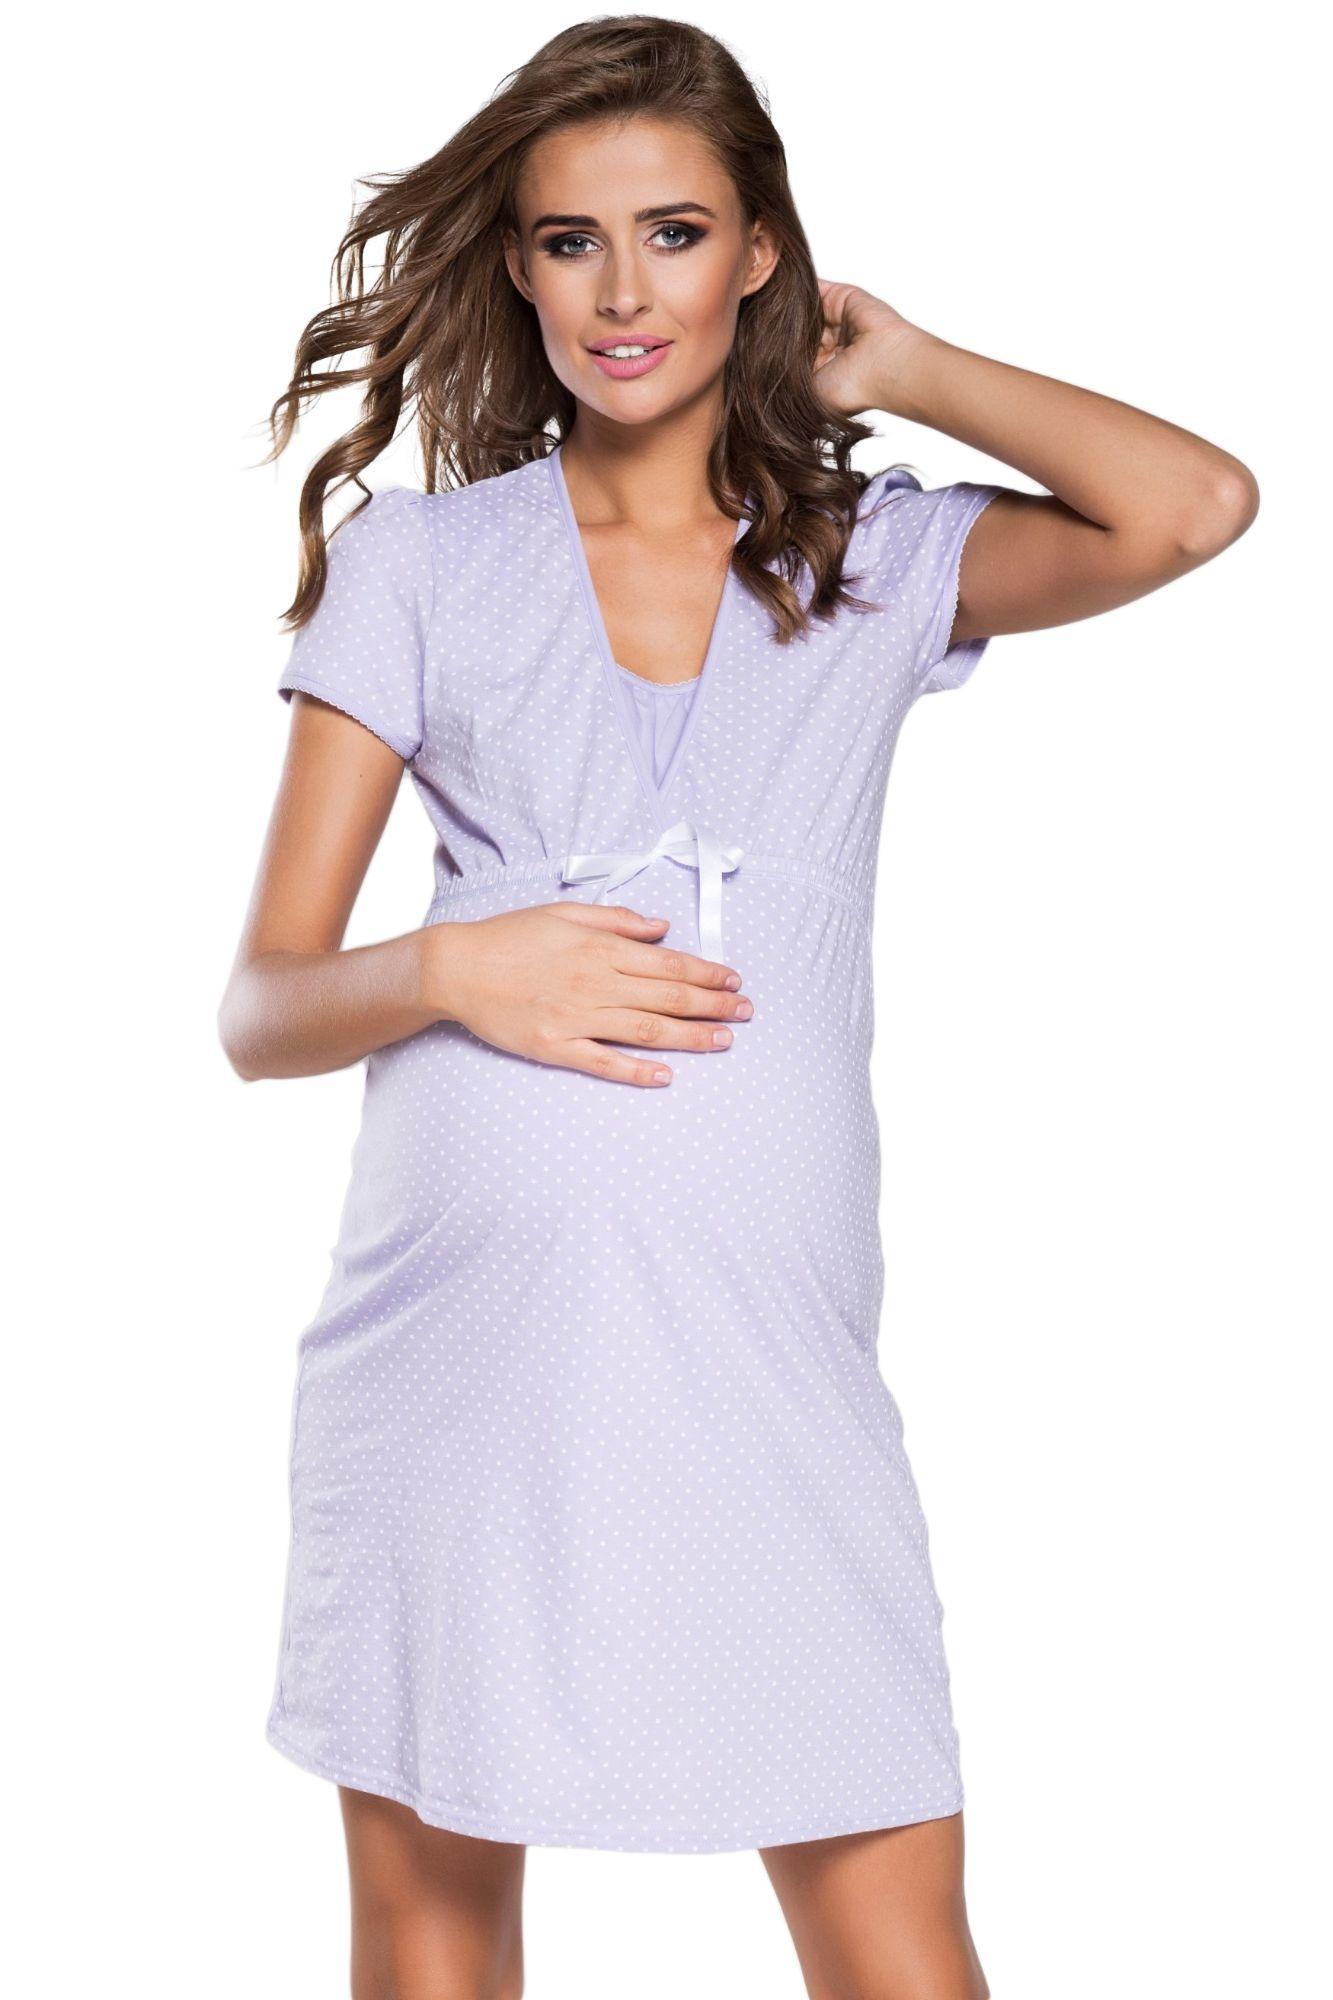 851dab97608a Bavlnená tehotenská nočná košeľa Alena svetlo fialová - ELEGANT.sk